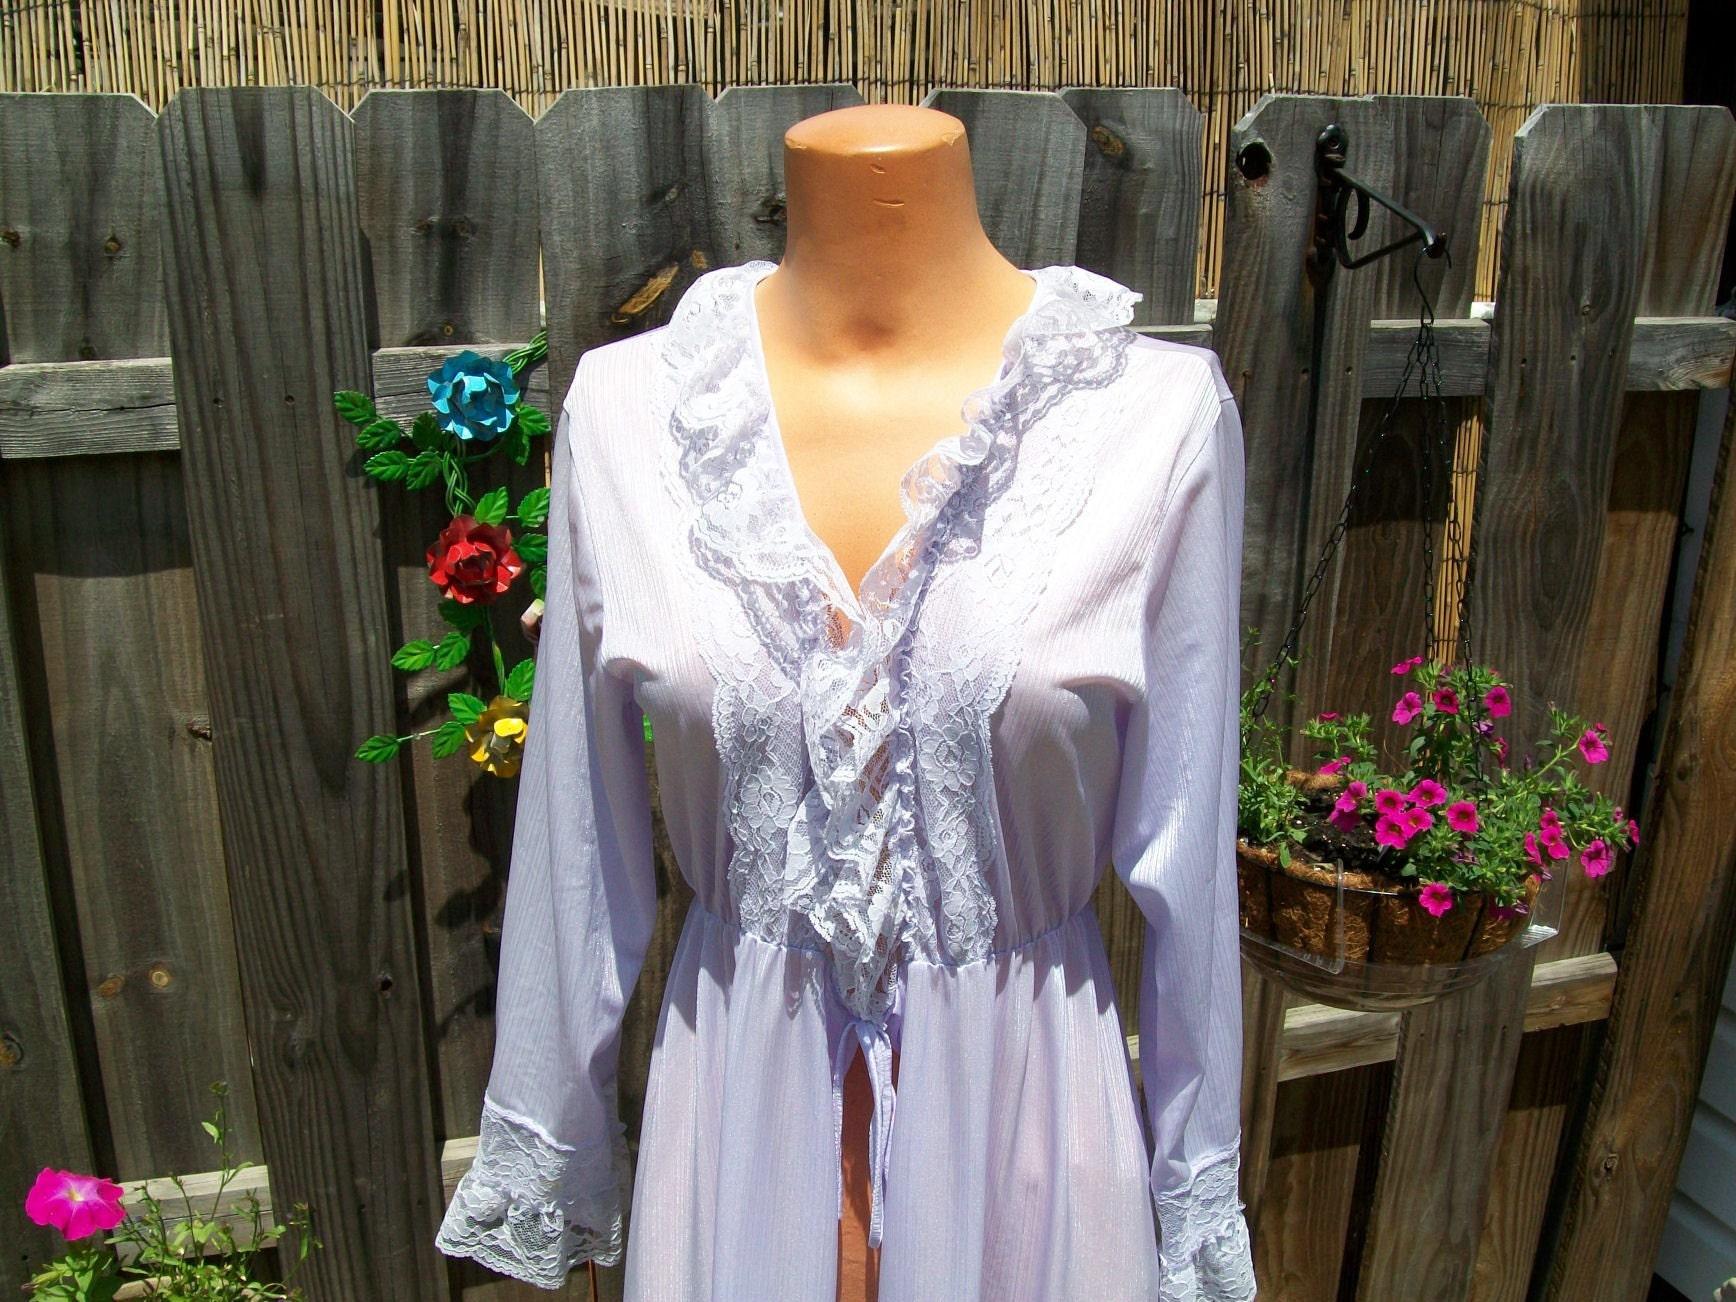 vintage robe - pretty purple lacy robe very shiny by lexismonkey on Etsy from etsy.com